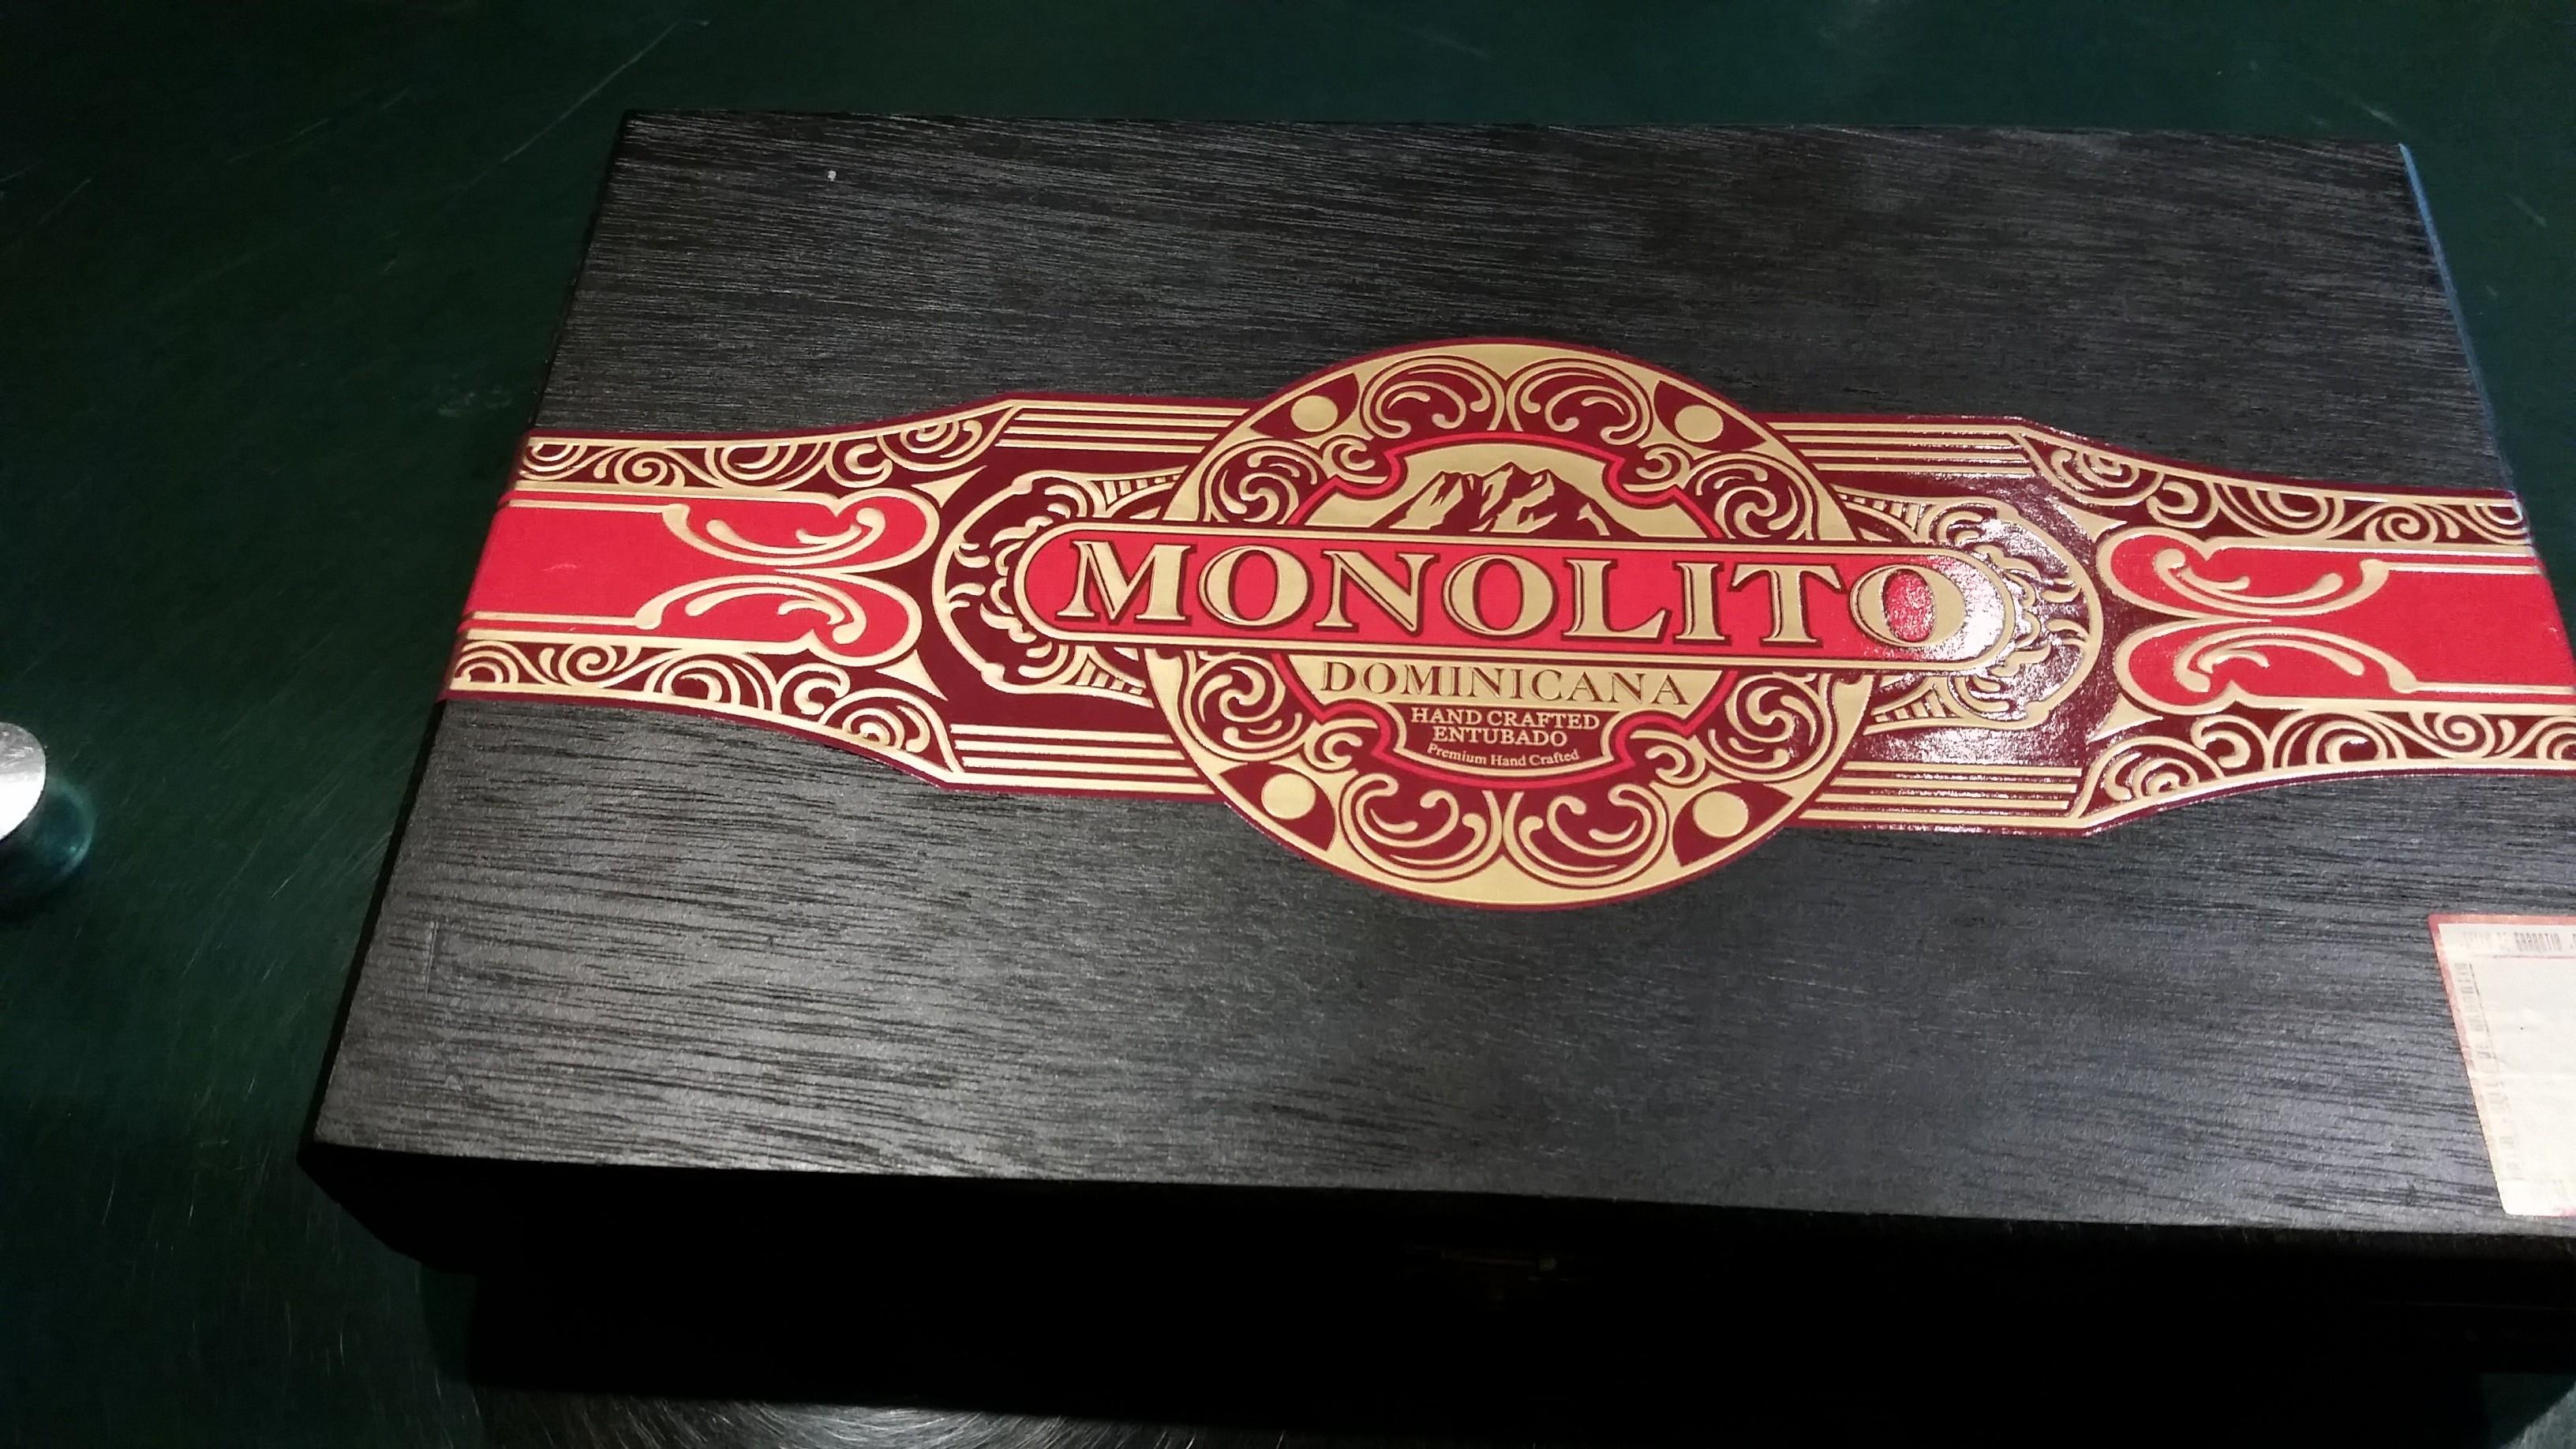 Monolito_Dominicana_Box